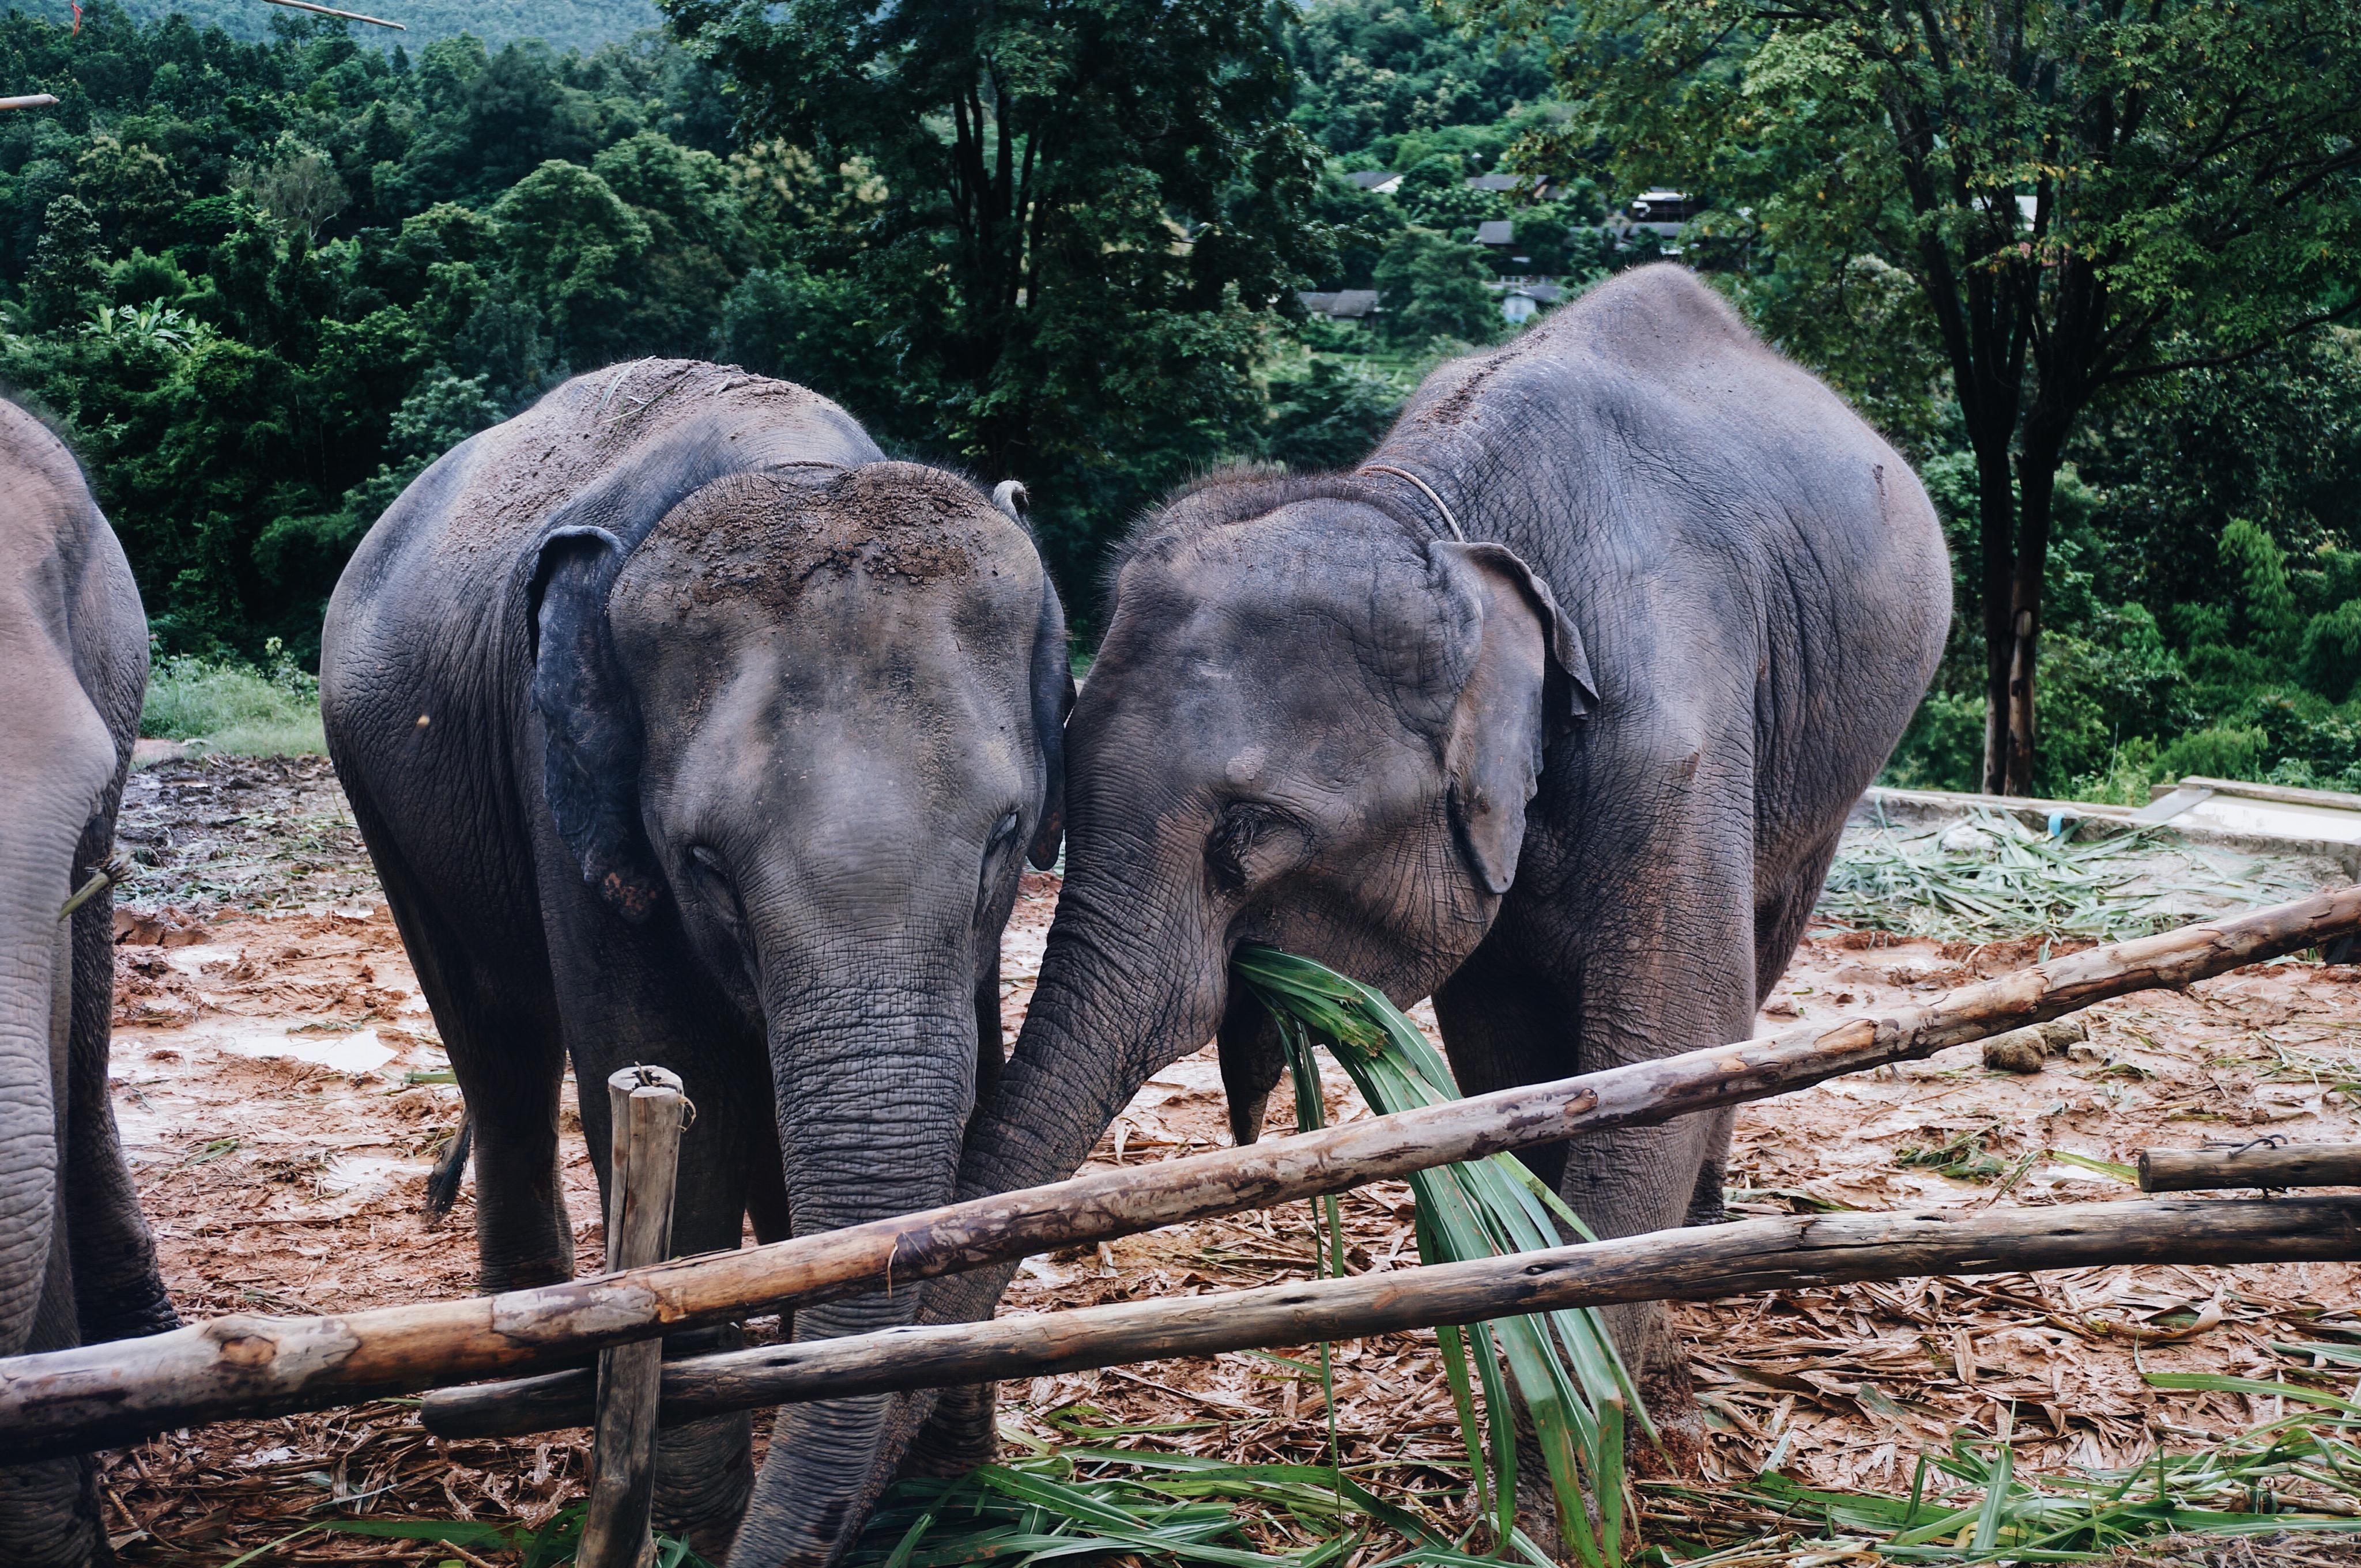 Elefanten sehen in Chiang Mai | ein vertretbarer Weg - Elefanten erleben, ganz ohne Zwang und Quälerei, Thailand, Elefanten, Elefanten Camp in Chiang Mai